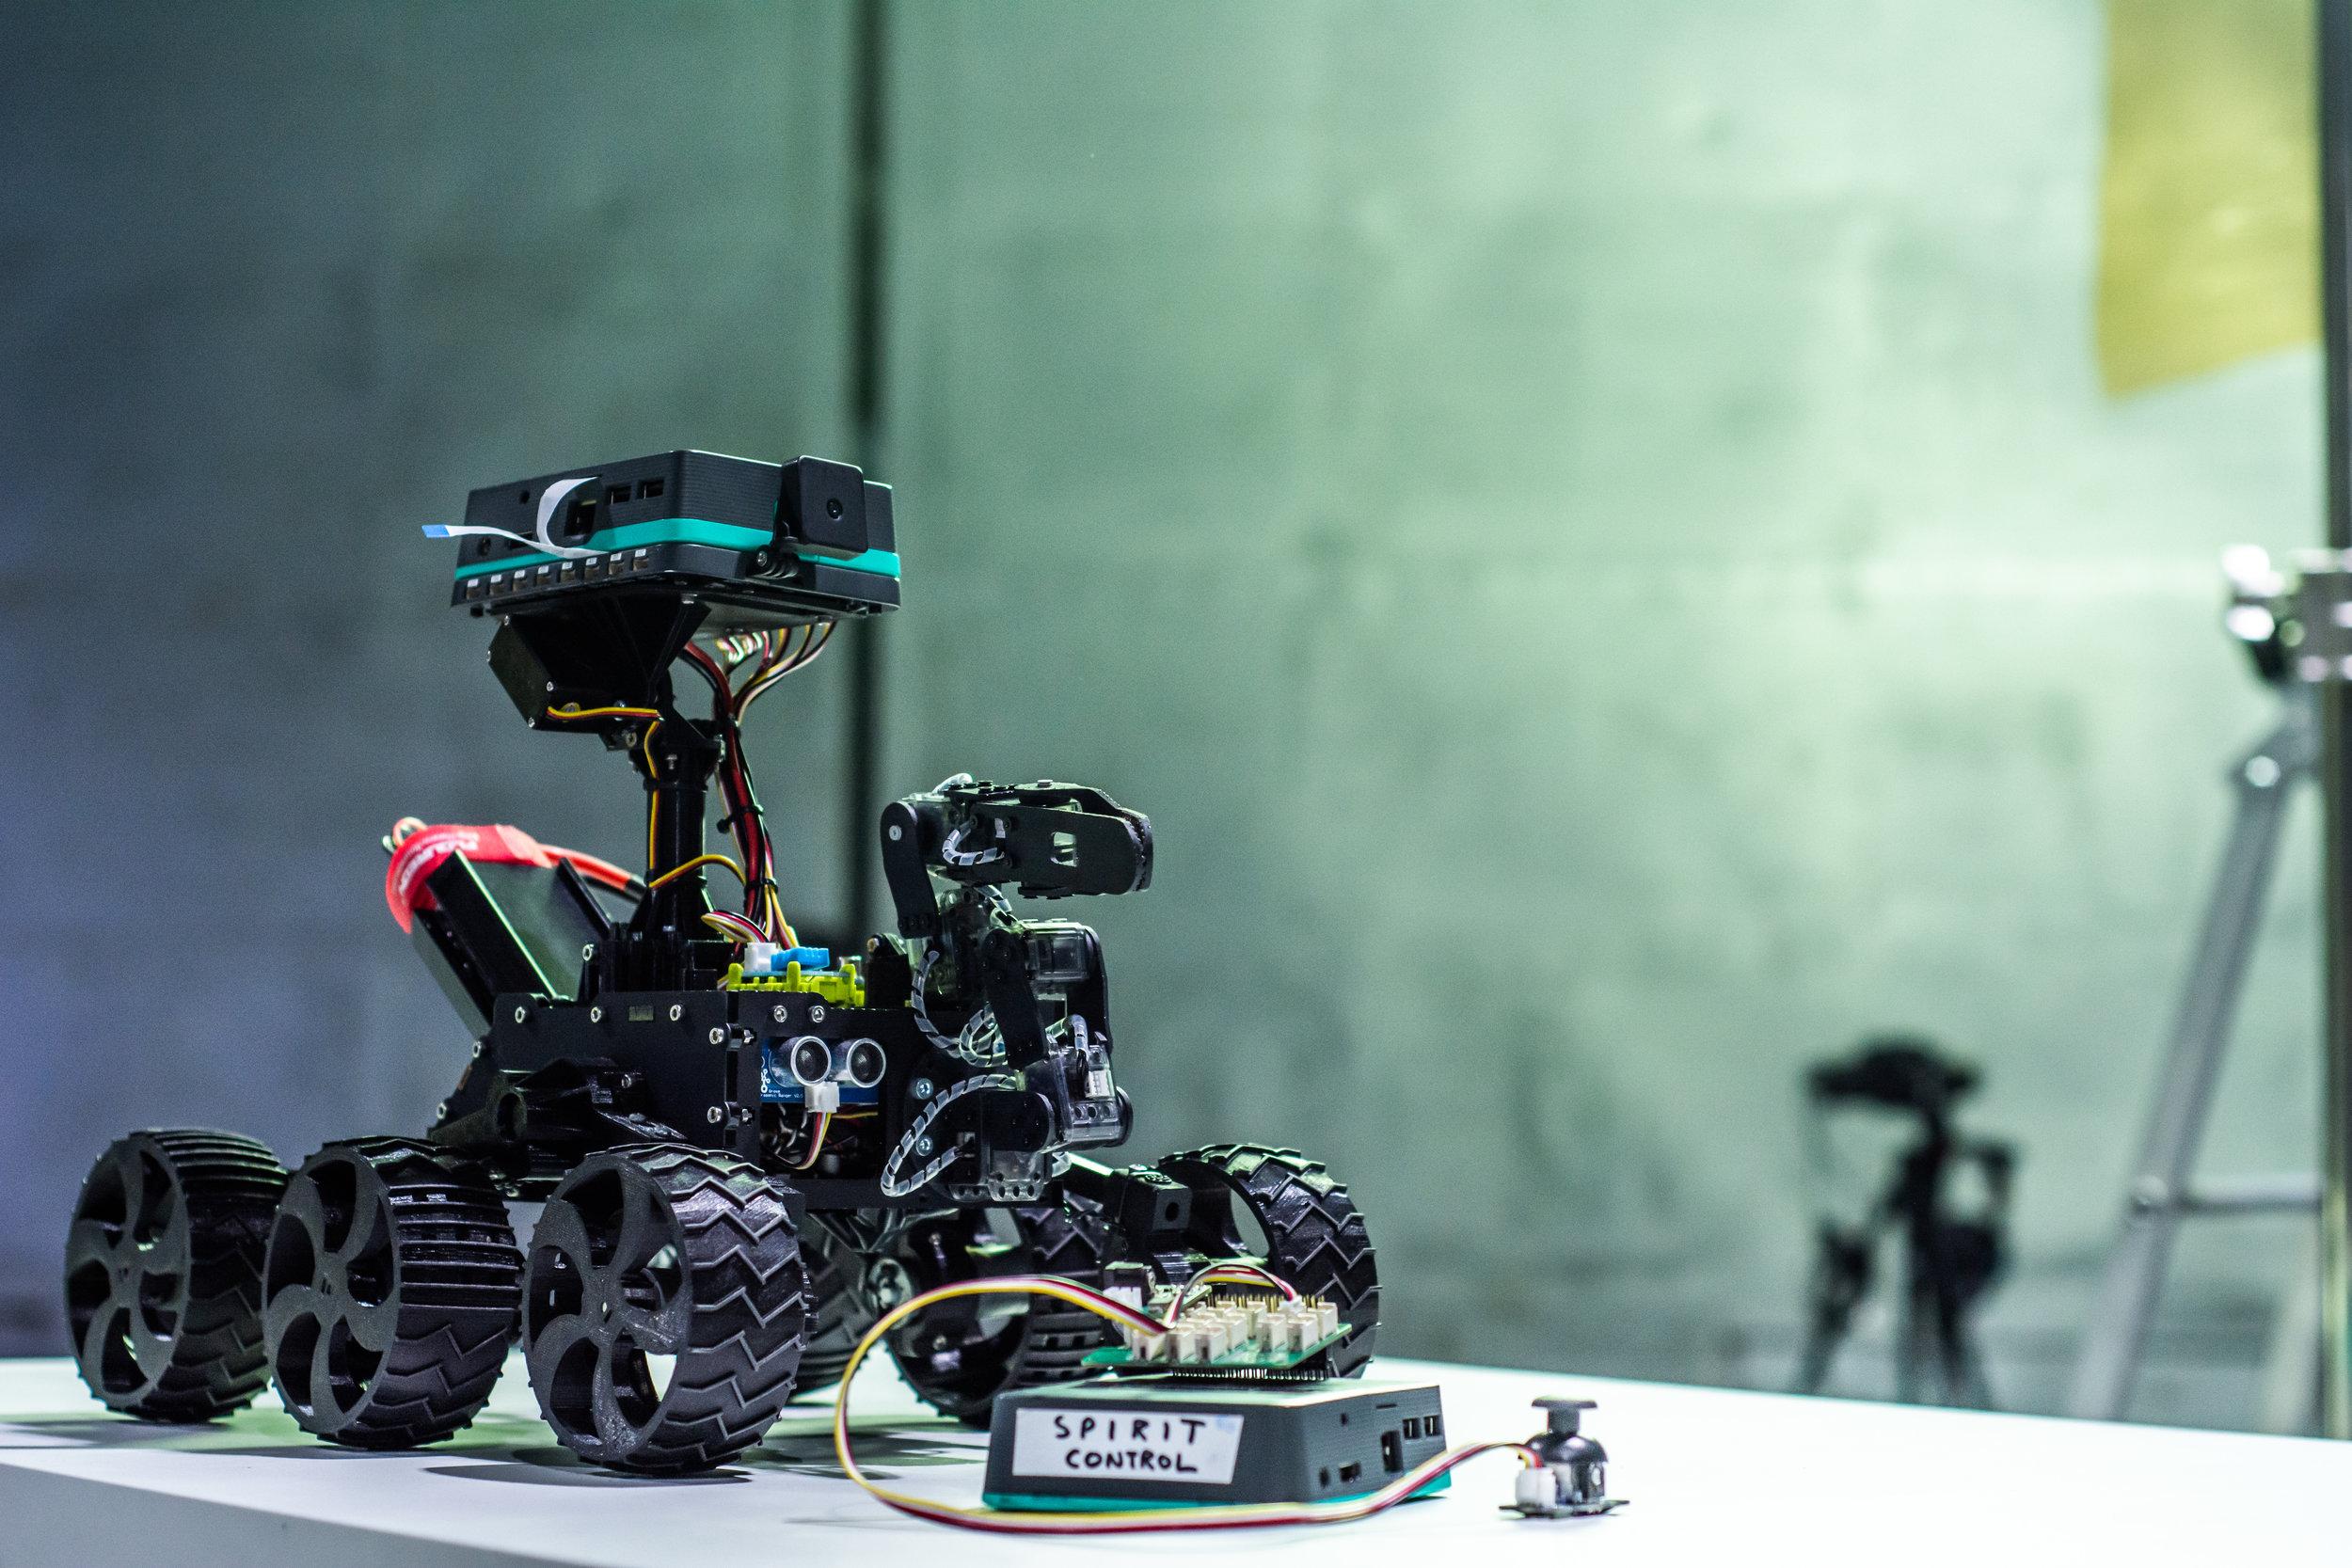 pi-top rover.jpg